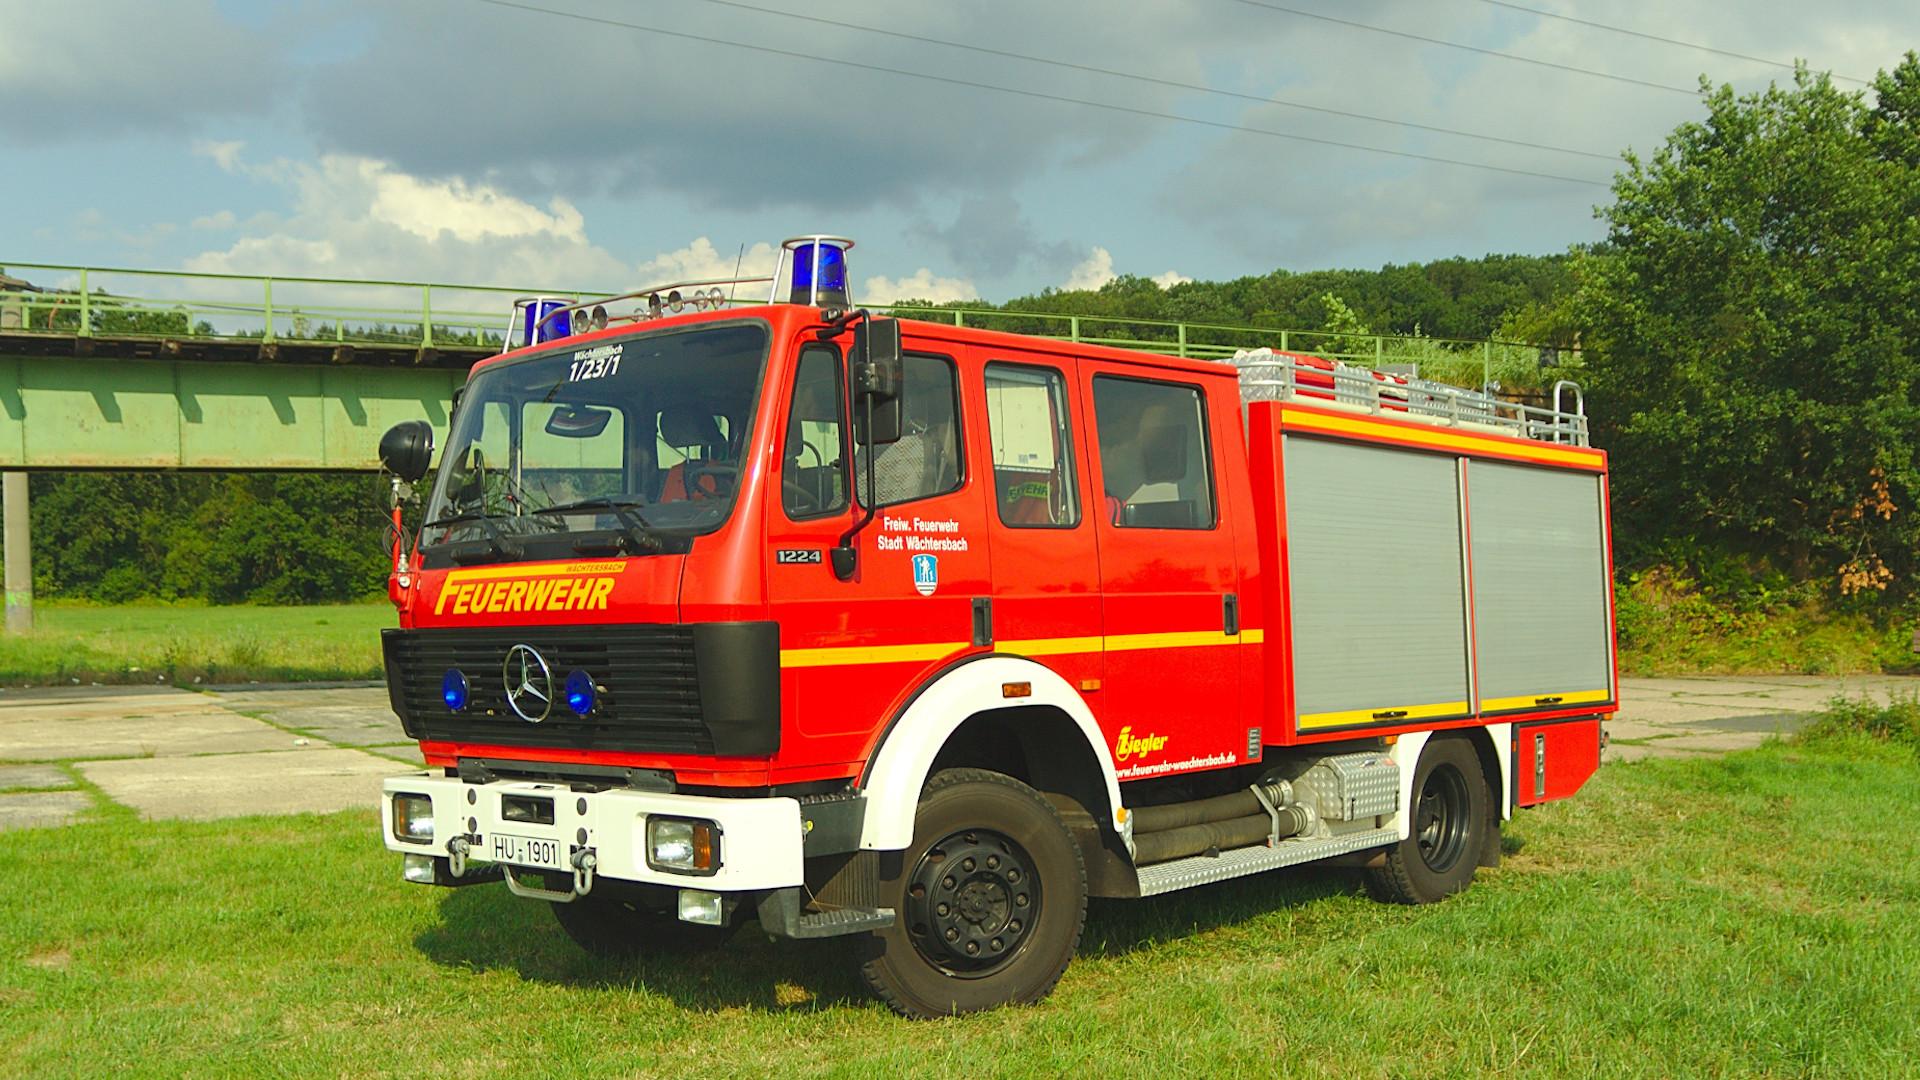 Hilfeleistungstanklöschfahrzeug HTLF 16/25 der Feuerwehr Wächtersbach